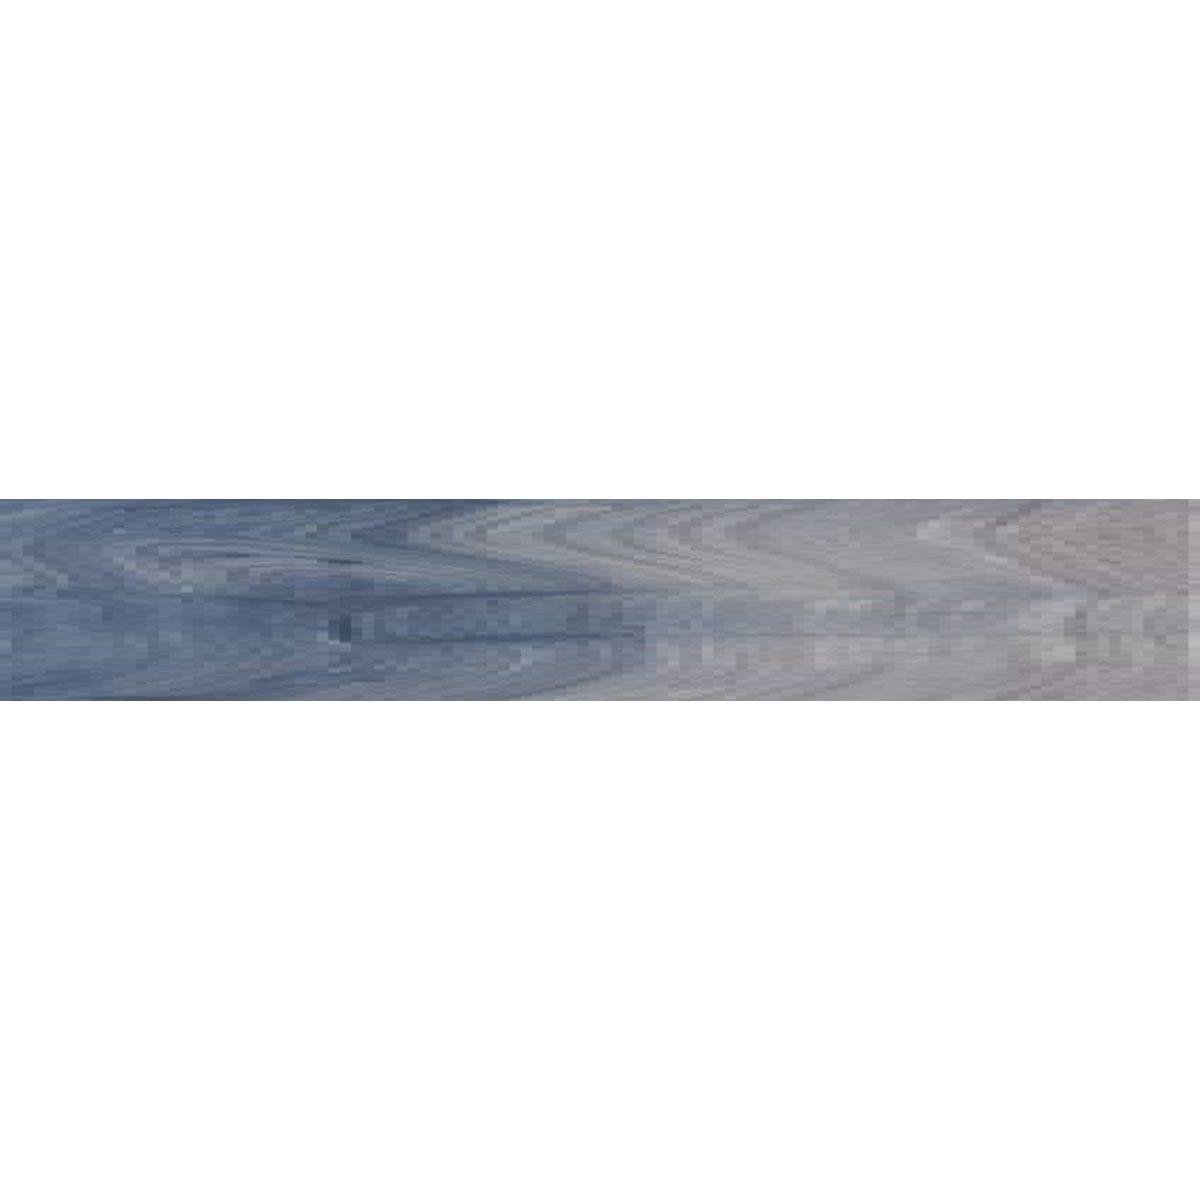 T10225 JUST COLOR BLUE MATTE 8X48